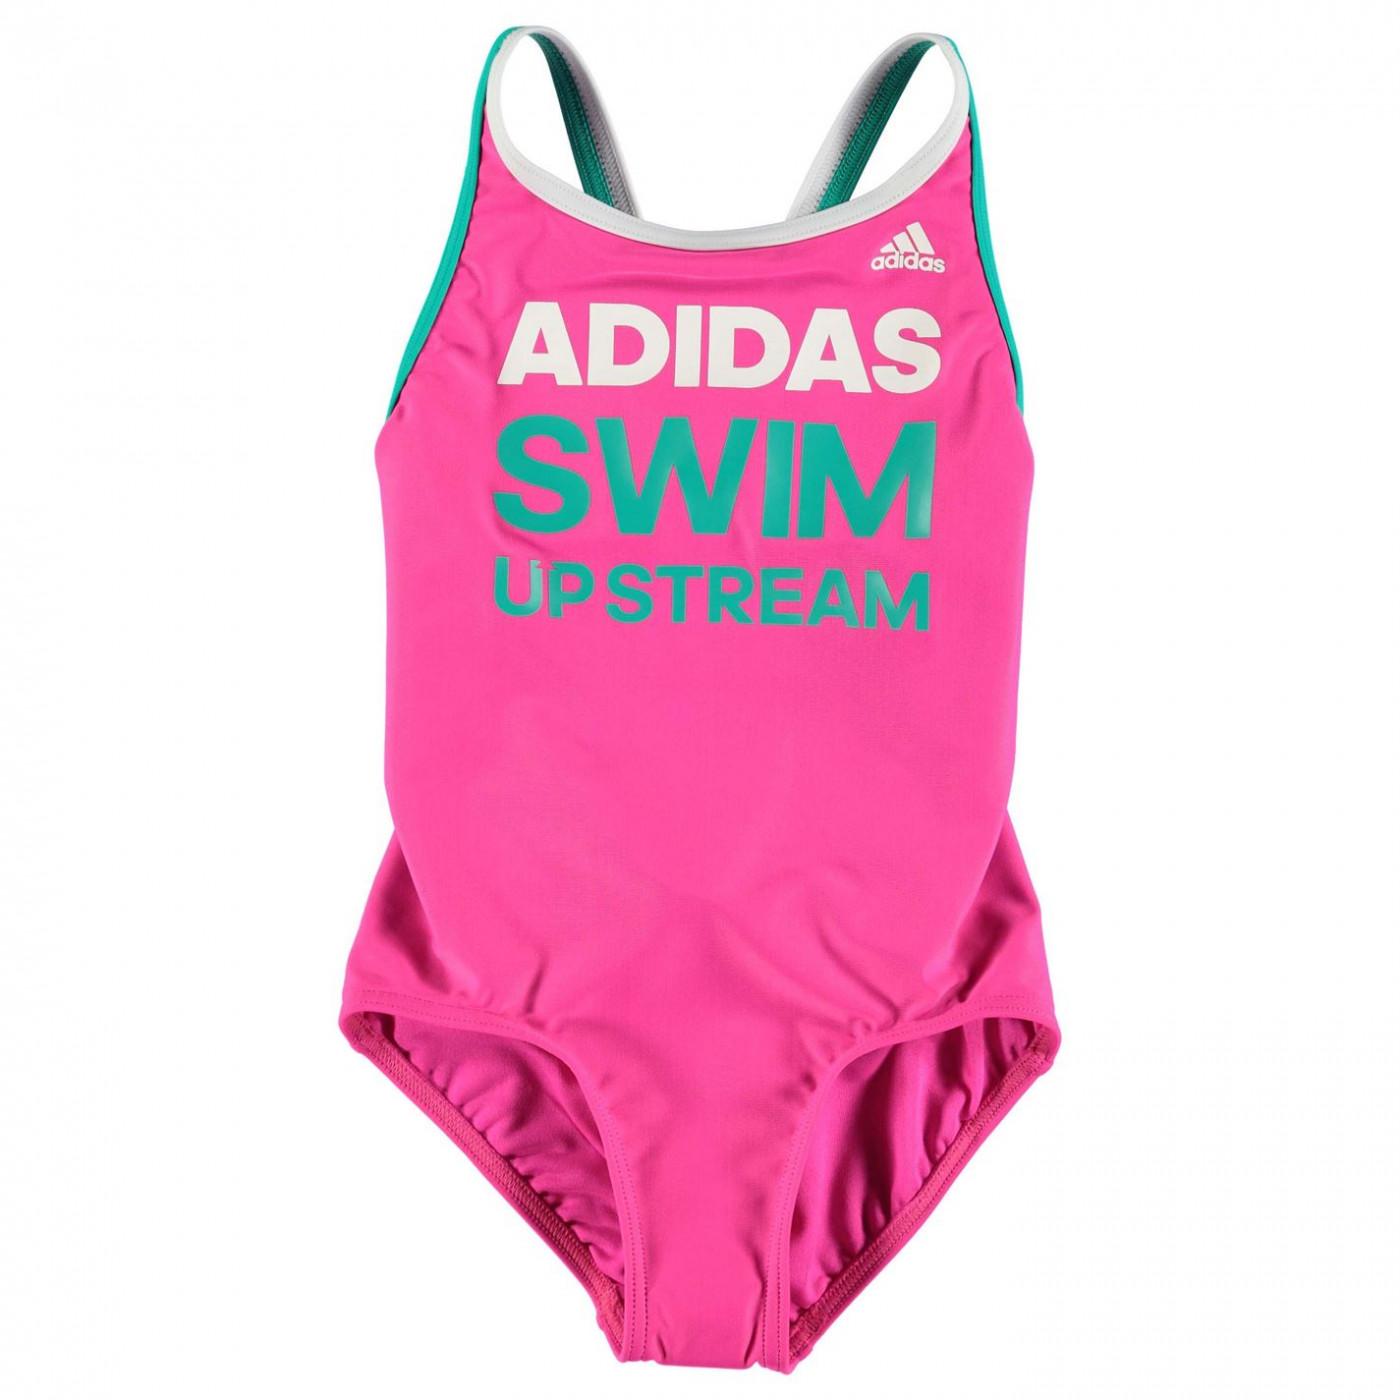 5fda0346c adidas Slogan Swimsuit Junior Girls - ALIATIC